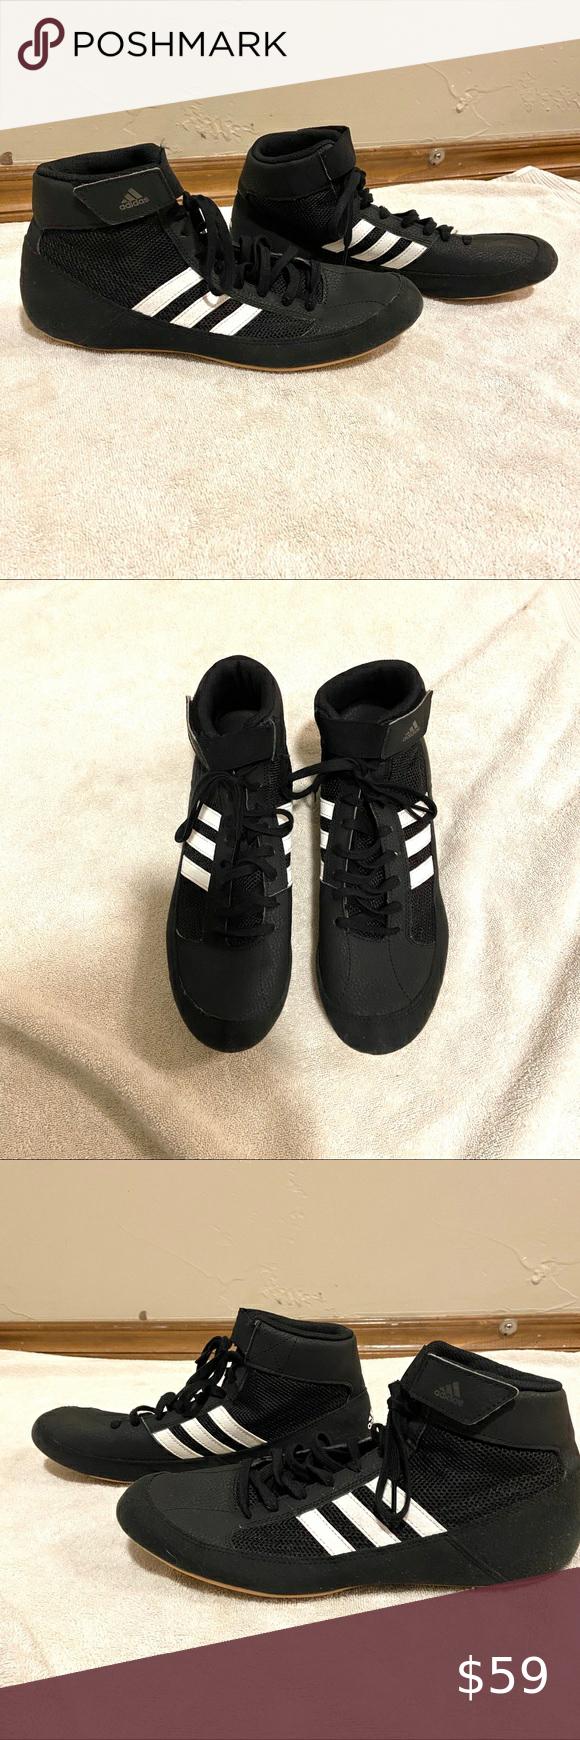 fuente calcio verano  Adidas Men's HBC 2 Wrestling shoes sz 9.5 AQ3325 in 2020 | Wrestling shoes,  Adidas men, Sport gymnastics